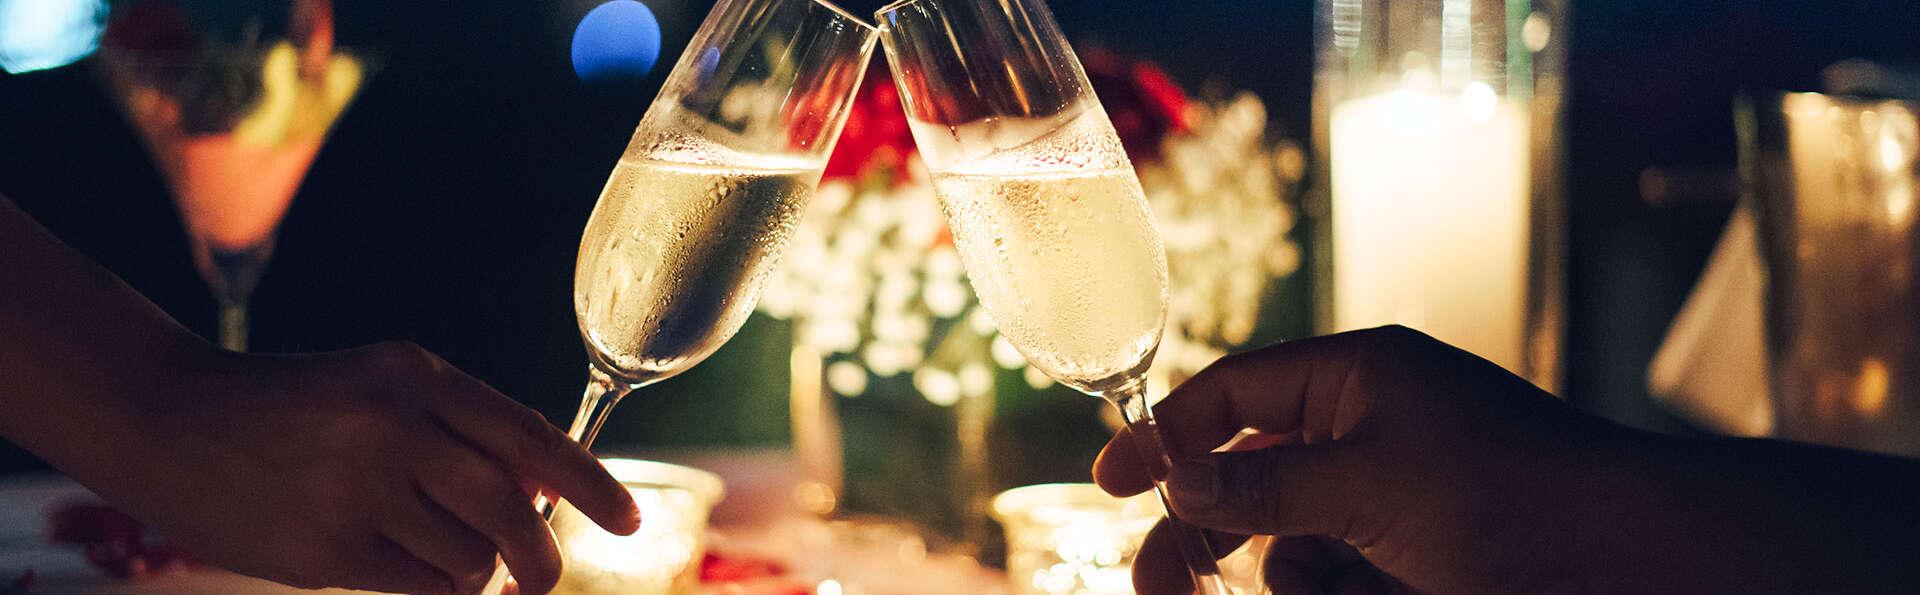 Romantisme et gourmandise avec champagne pour fêter la fin de l'année dans un hôtel de charme